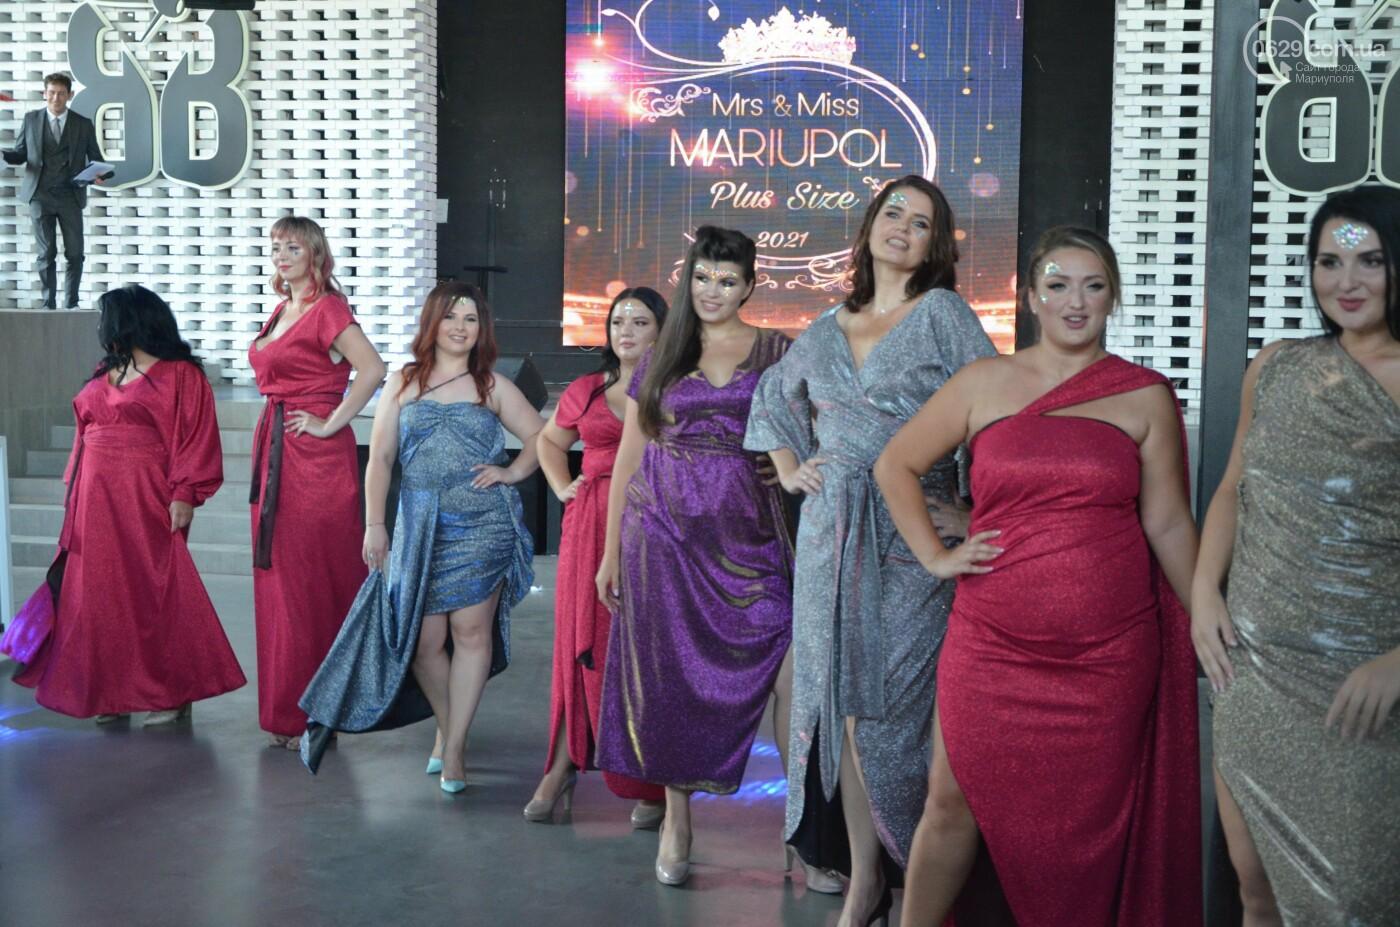 В Мариуполе выбрали Мисс и Миссис Мариуполь plus size, -  ФОТО, ВИДЕО, фото-2